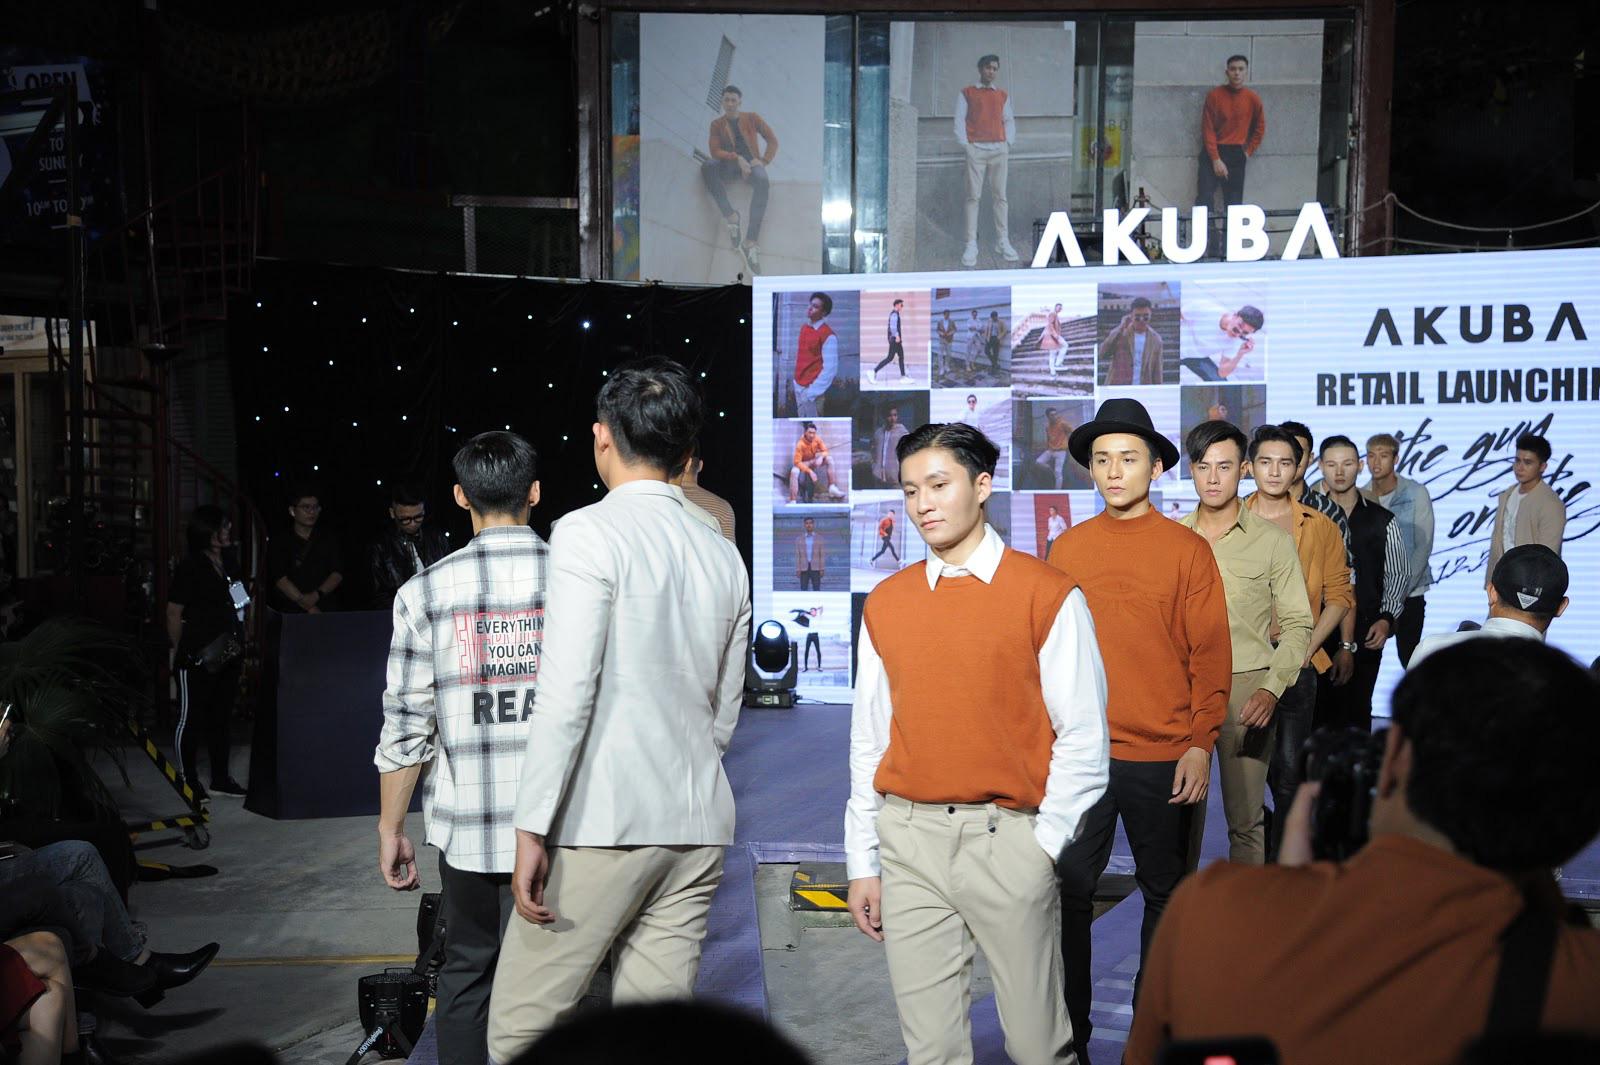 Akuba – Một không gian thời trang ứng dụng thoải mái dành cho những chàng trai năng động vừa xuất hiện tại Sài Gòn - Ảnh 5.